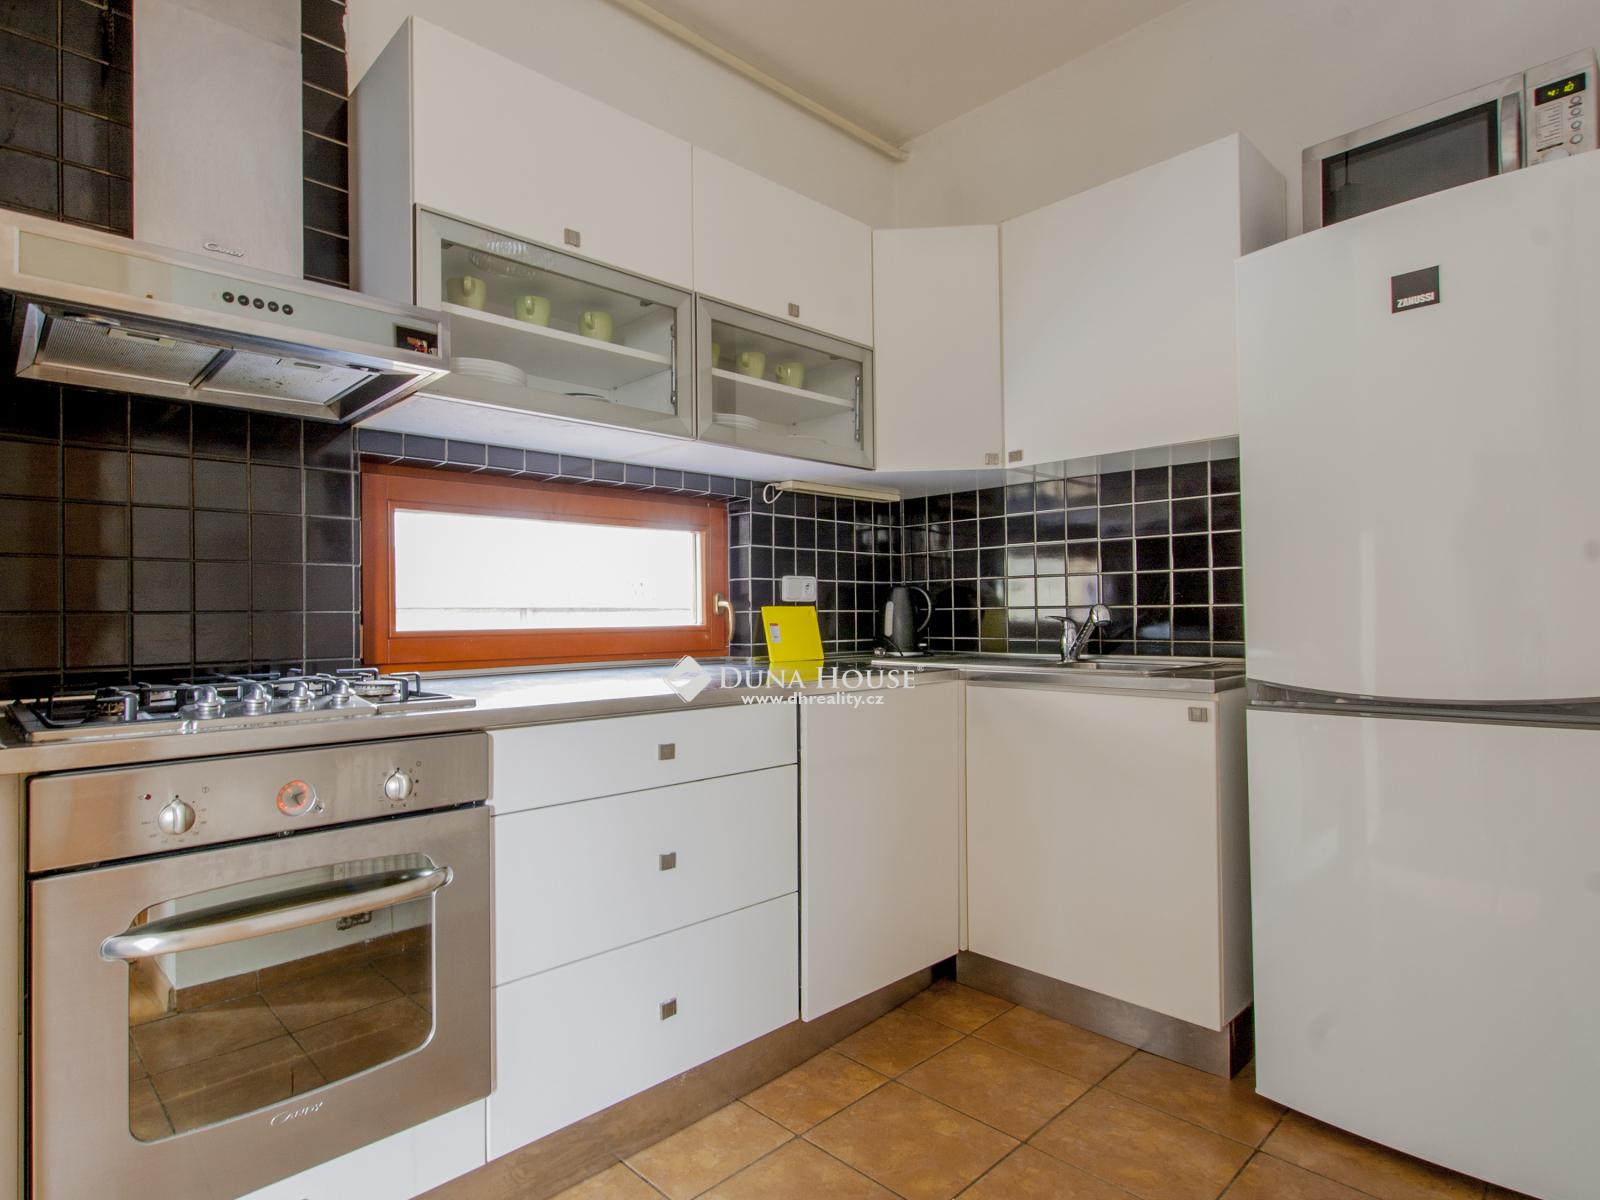 Pronájem bytu, Radlická, Praha 5 Smíchov